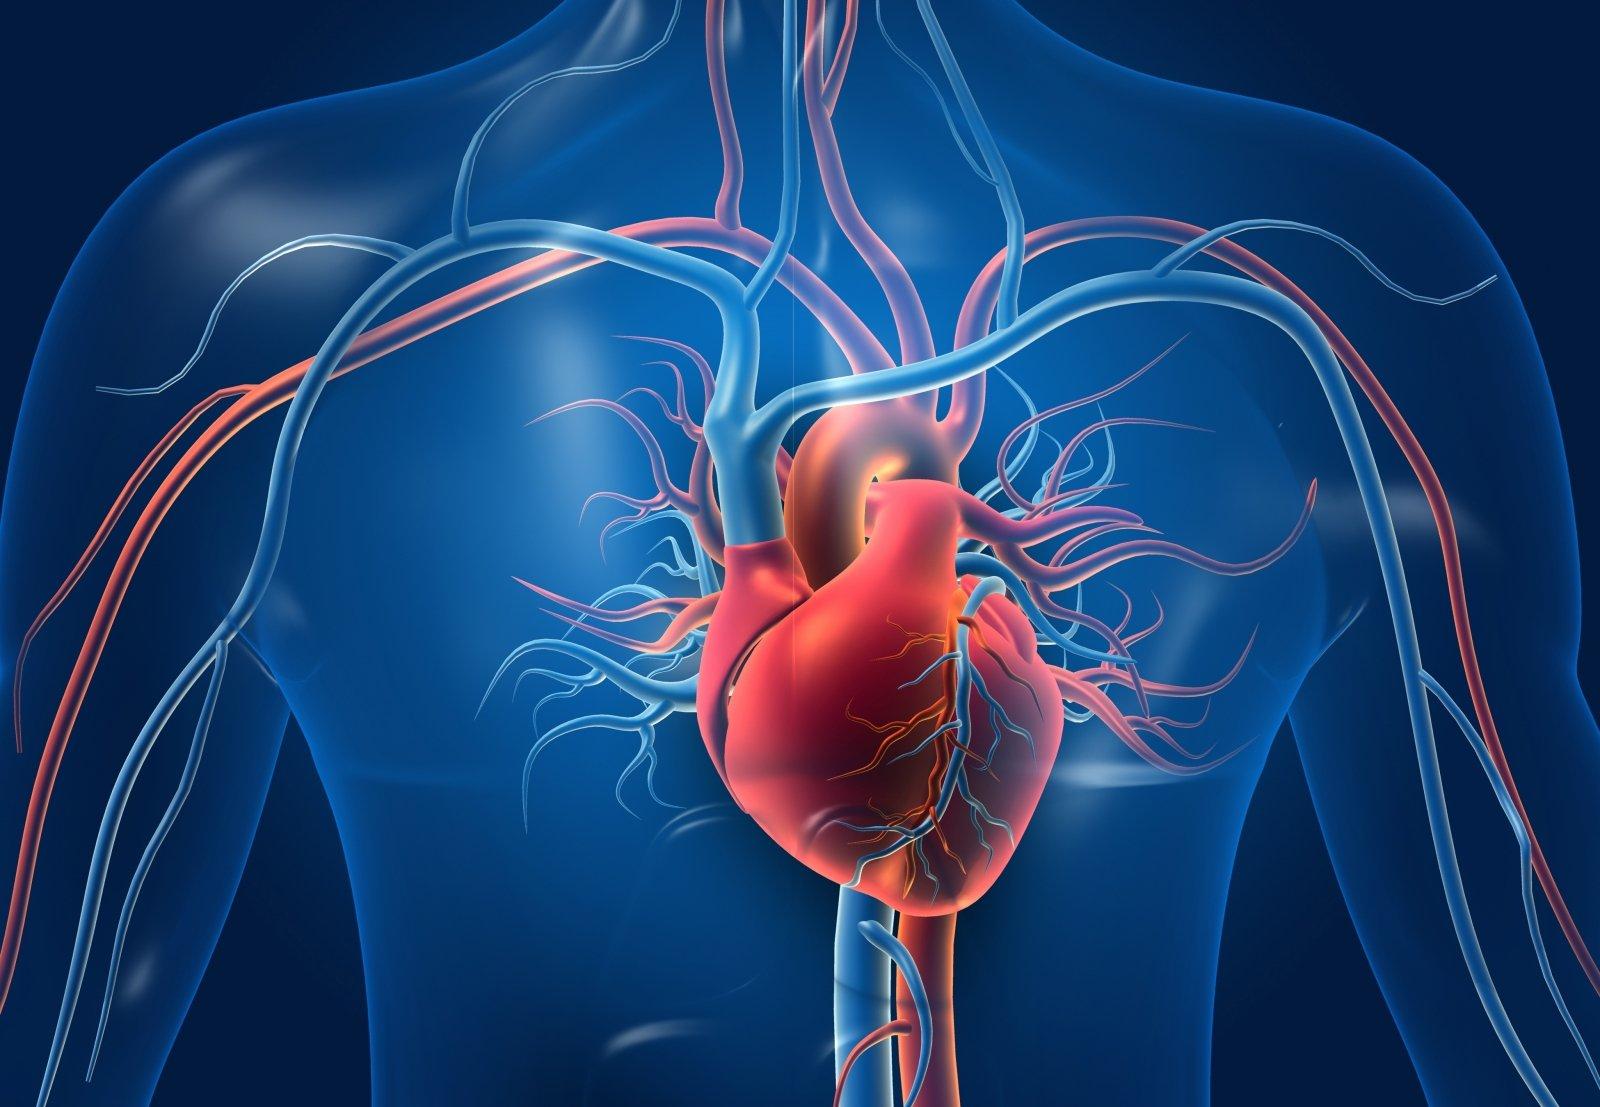 liaudies gynimo būdai, kaip gydyti hipertenziją